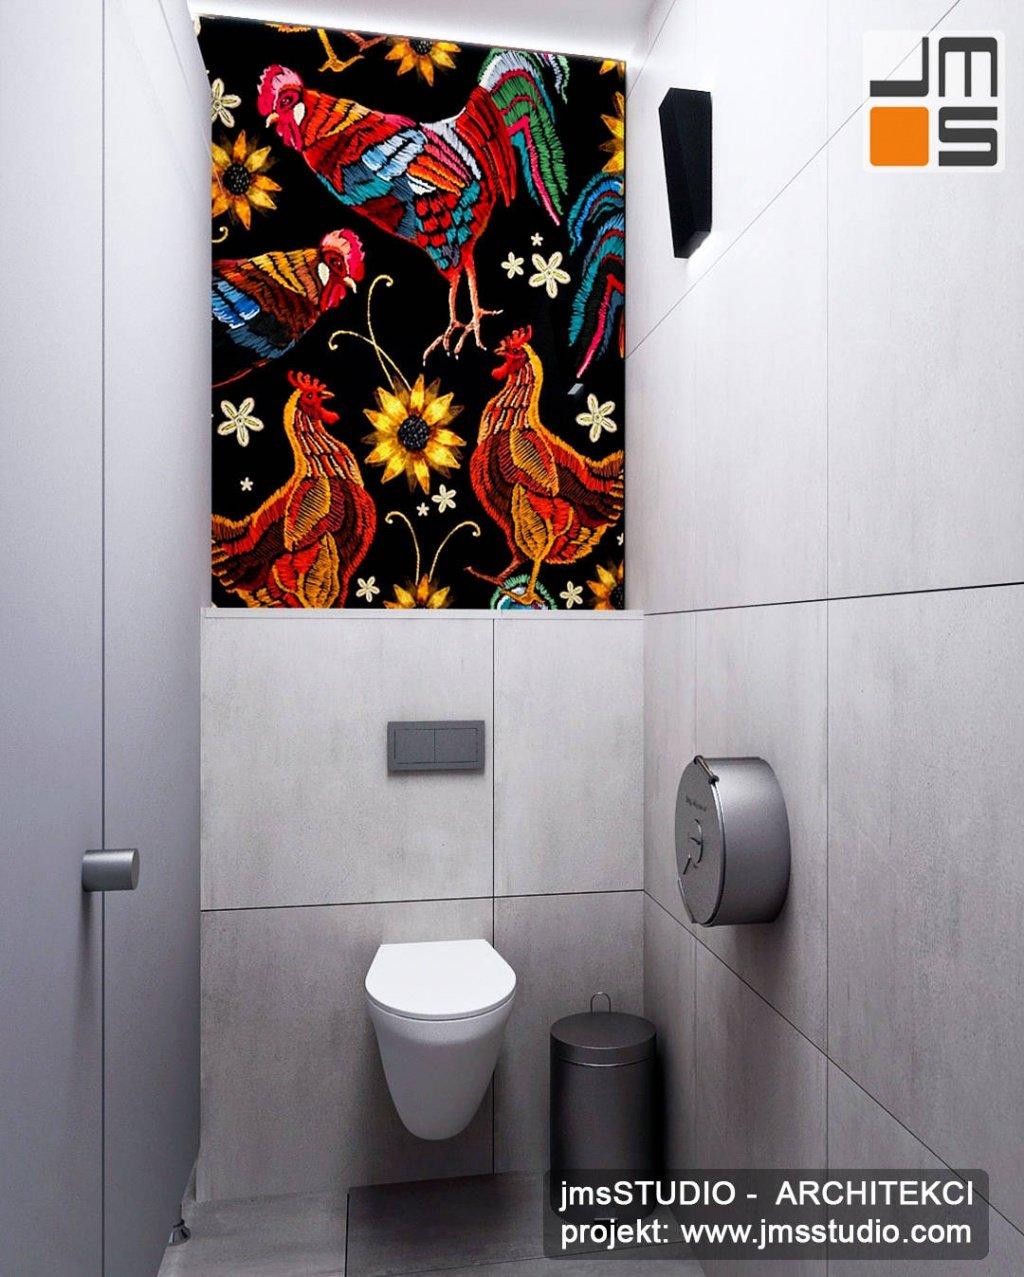 Ciekawy pomysł na łazienkę toaletę w restauracji z  szarymi płytkami u kolorowa grafika na szkle na scianie